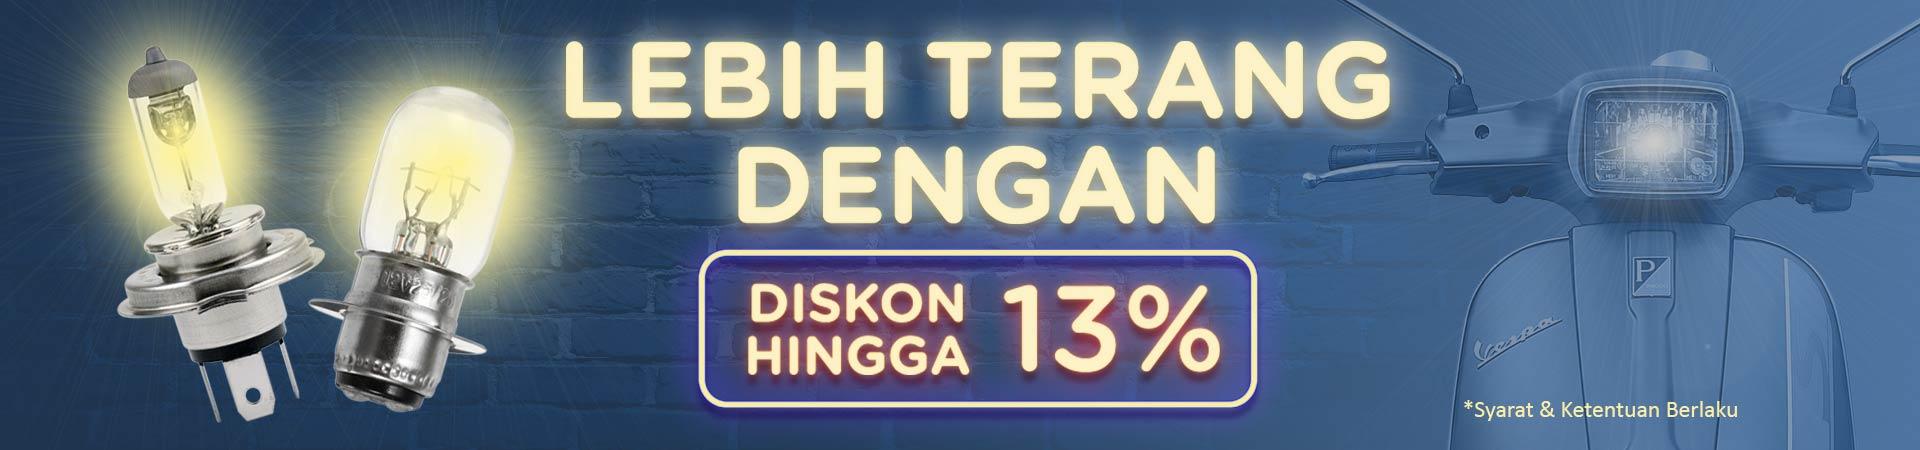 Diskon Lampu Motor Hingga 13%